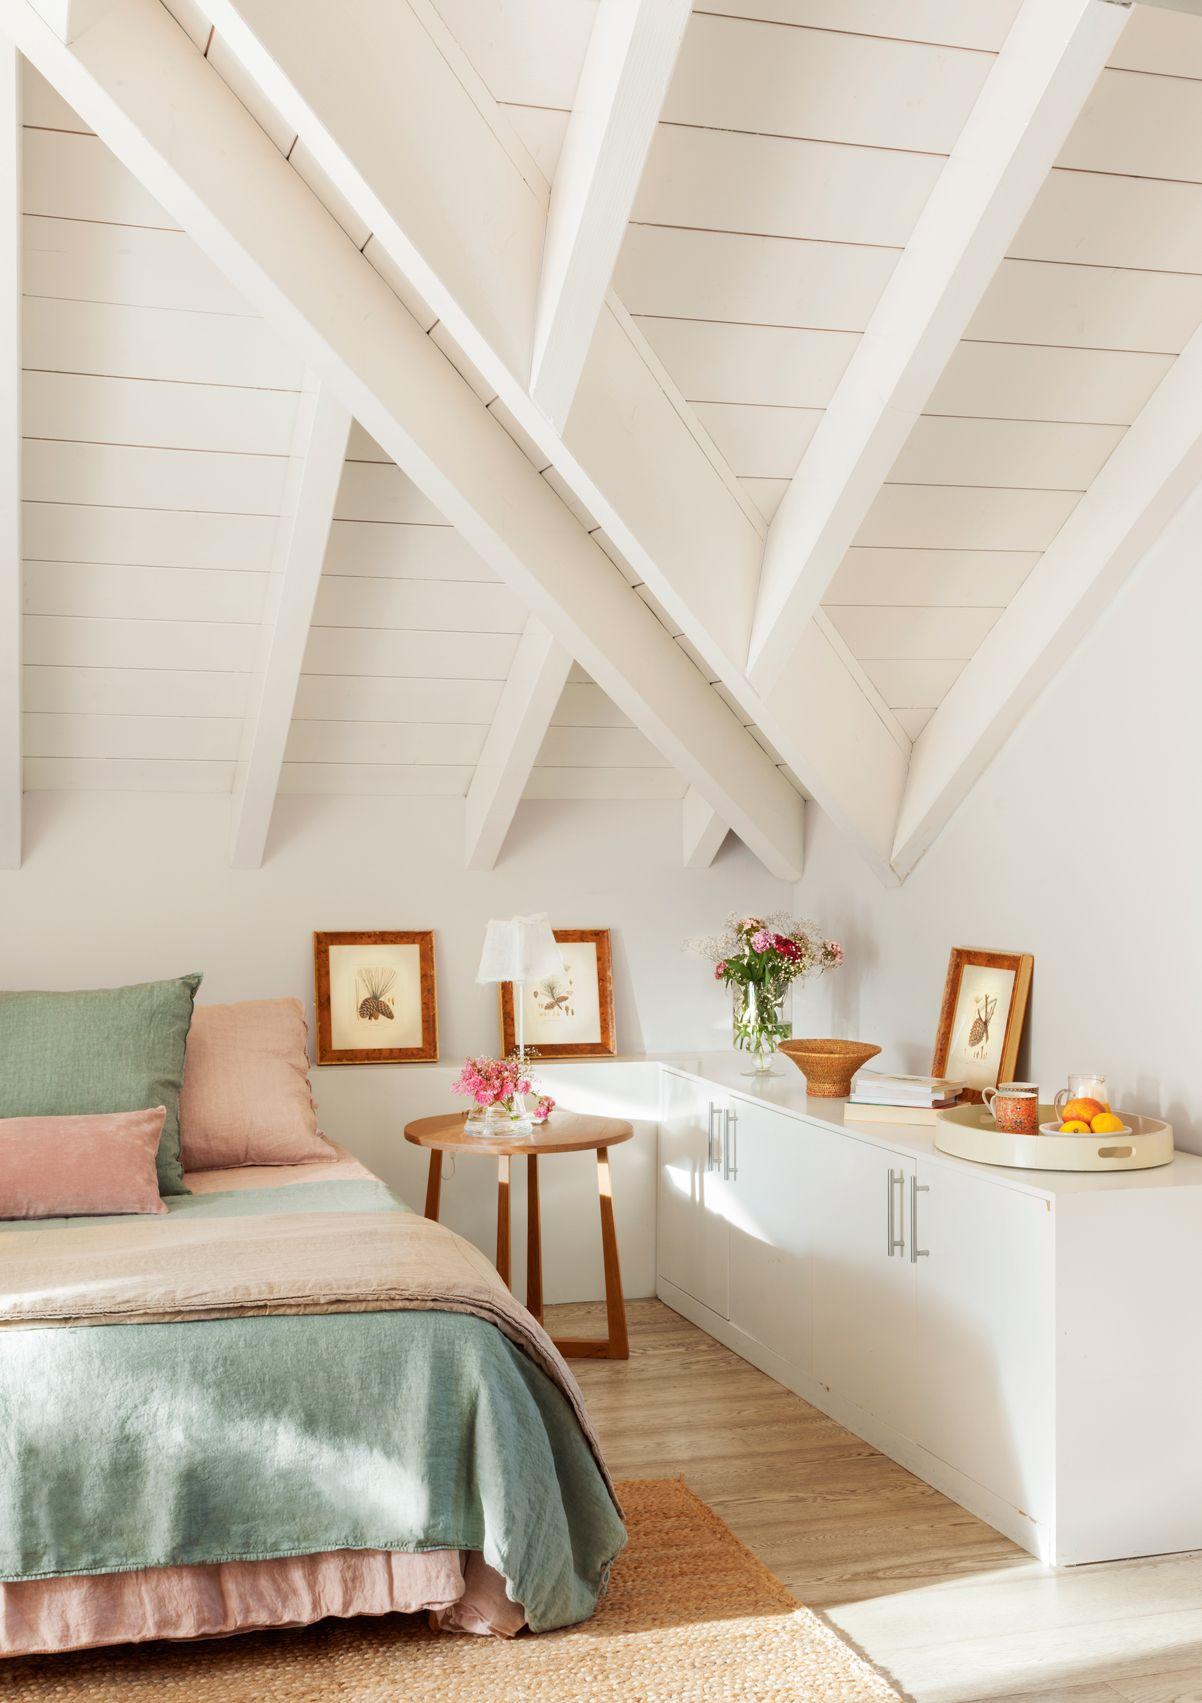 Dormitorio en buhardilla con envigado blanco mueble bajo cuadros